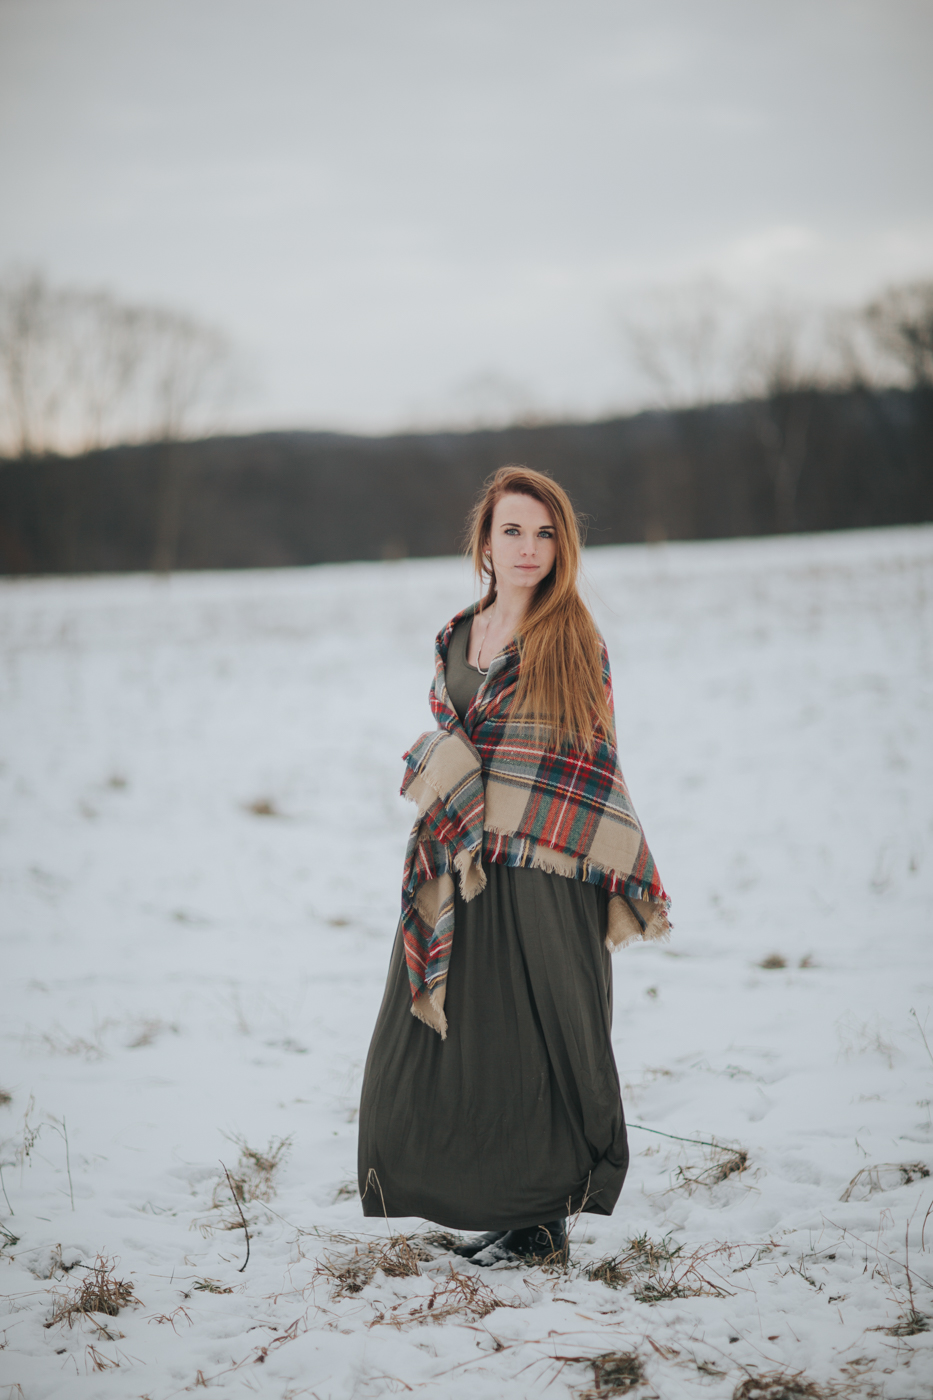 ashley-portraits-oakwood-photo-video-28.jpg